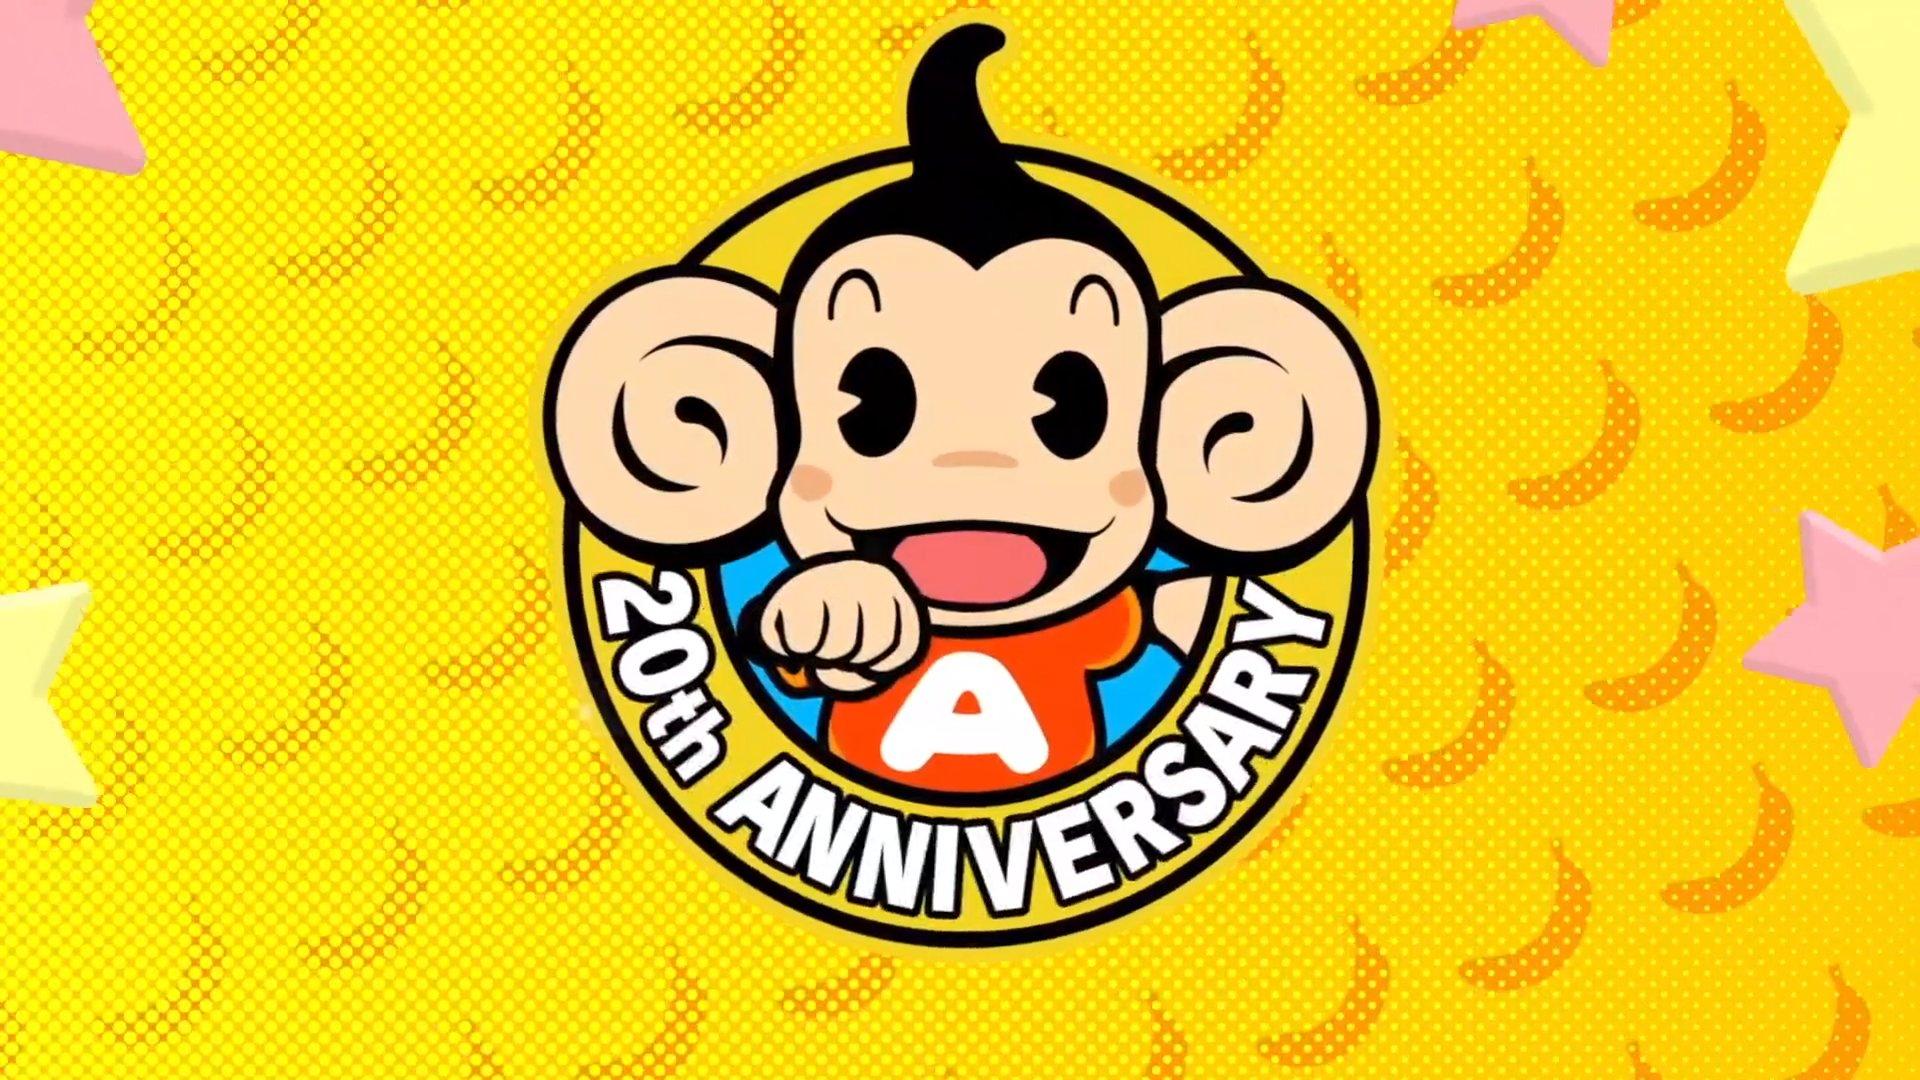 بازی Super Monkey Ball Banana Mania معرفی شد [E3 2021]